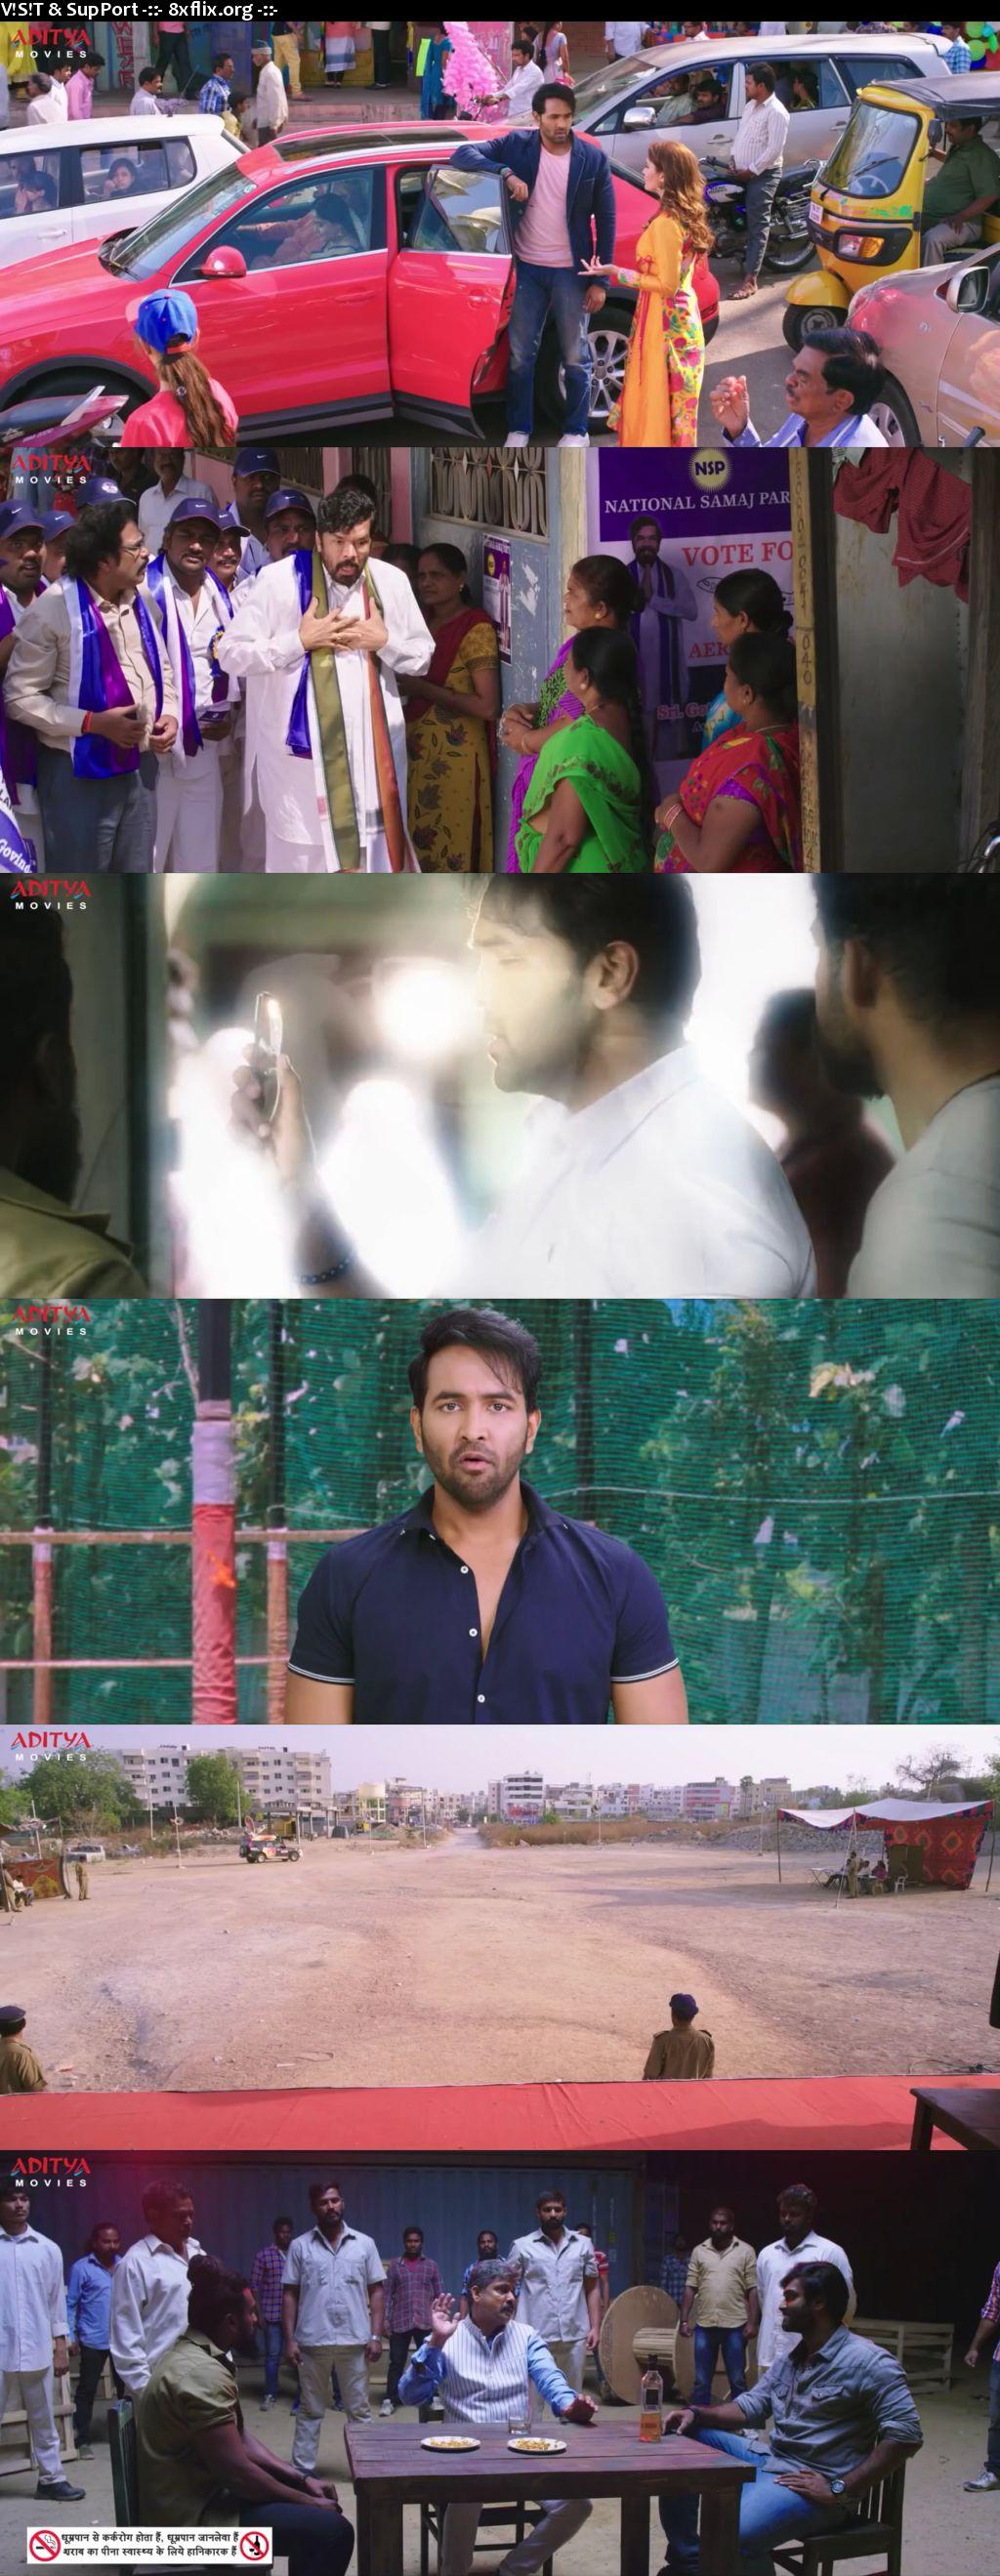 Voter 2021 Full Movie Hindi Dubbed 720p 480p HDRip